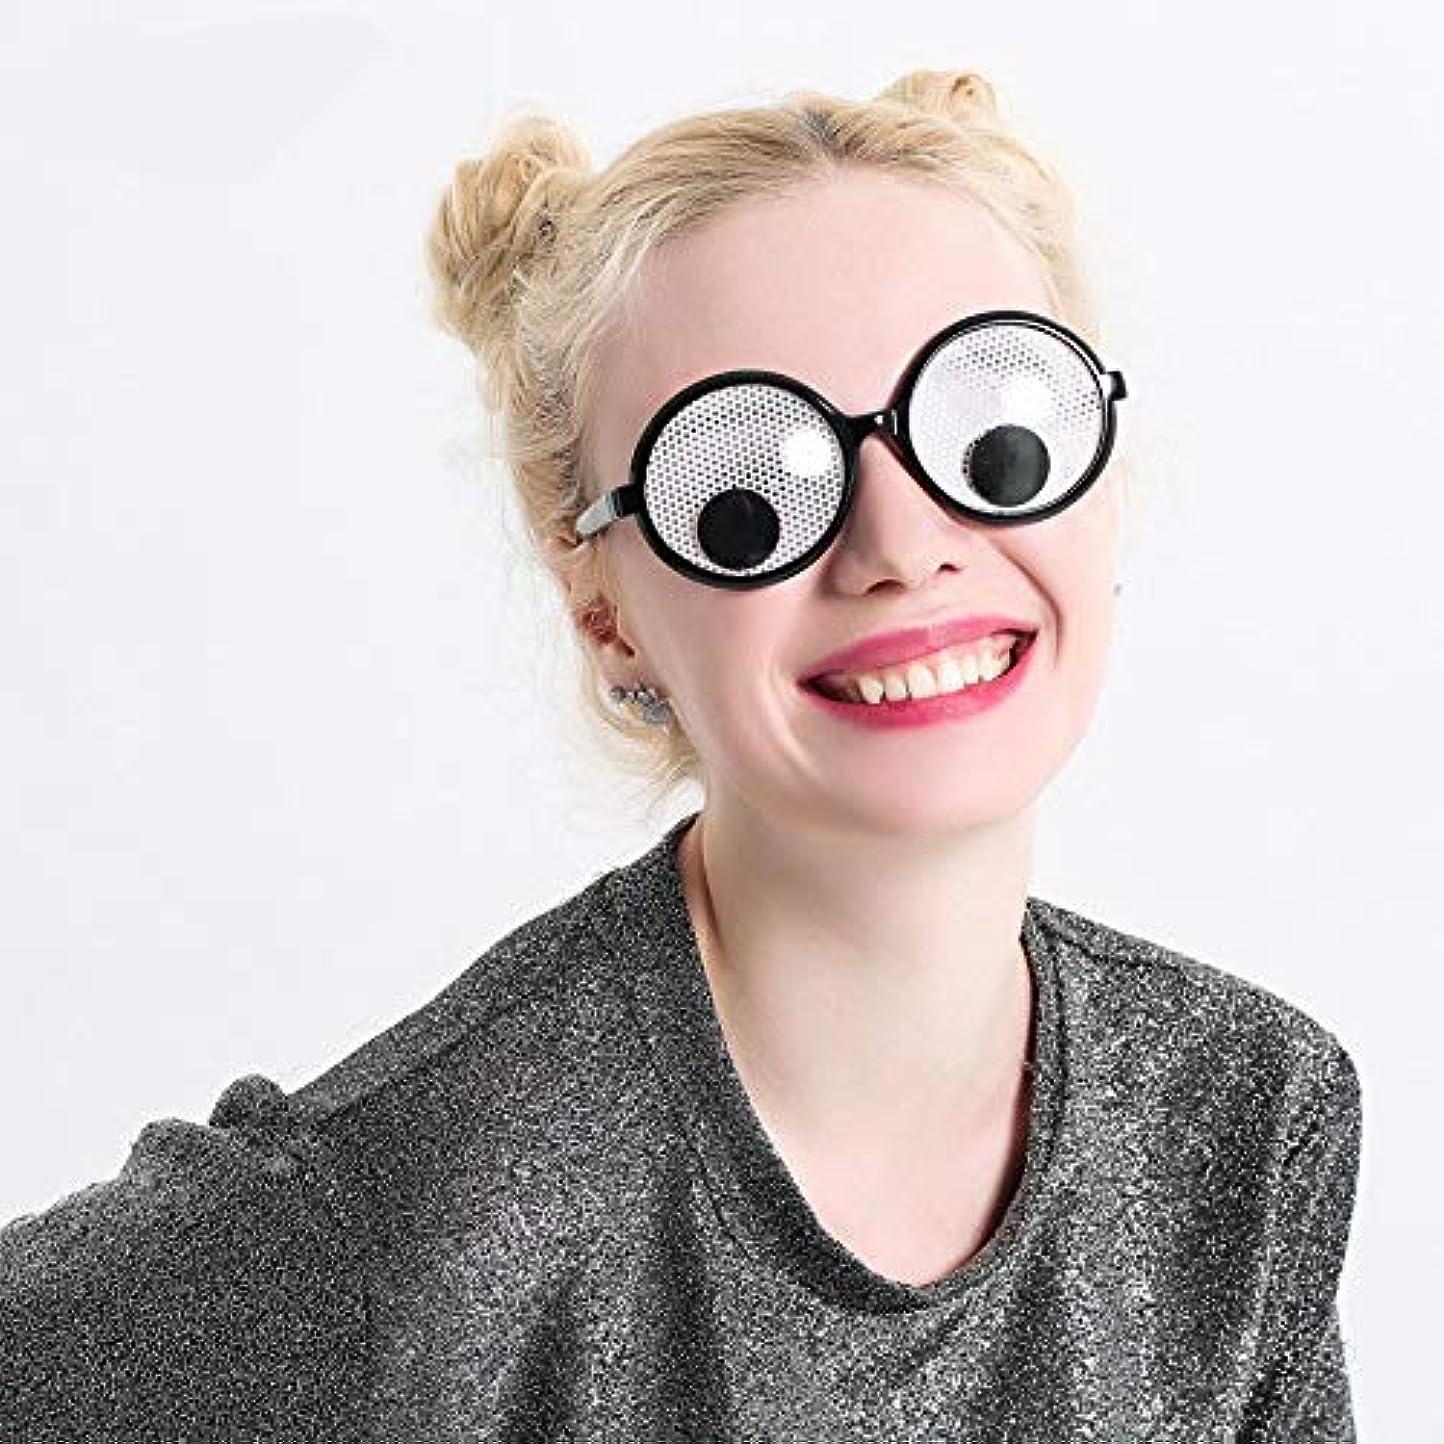 ギャロップルーキー脱獄NOTE おかしいグーグルアイゴーグル揺れ目パーティーメガネとおもちゃ用パーティーコスプレ衣装スリープマスク